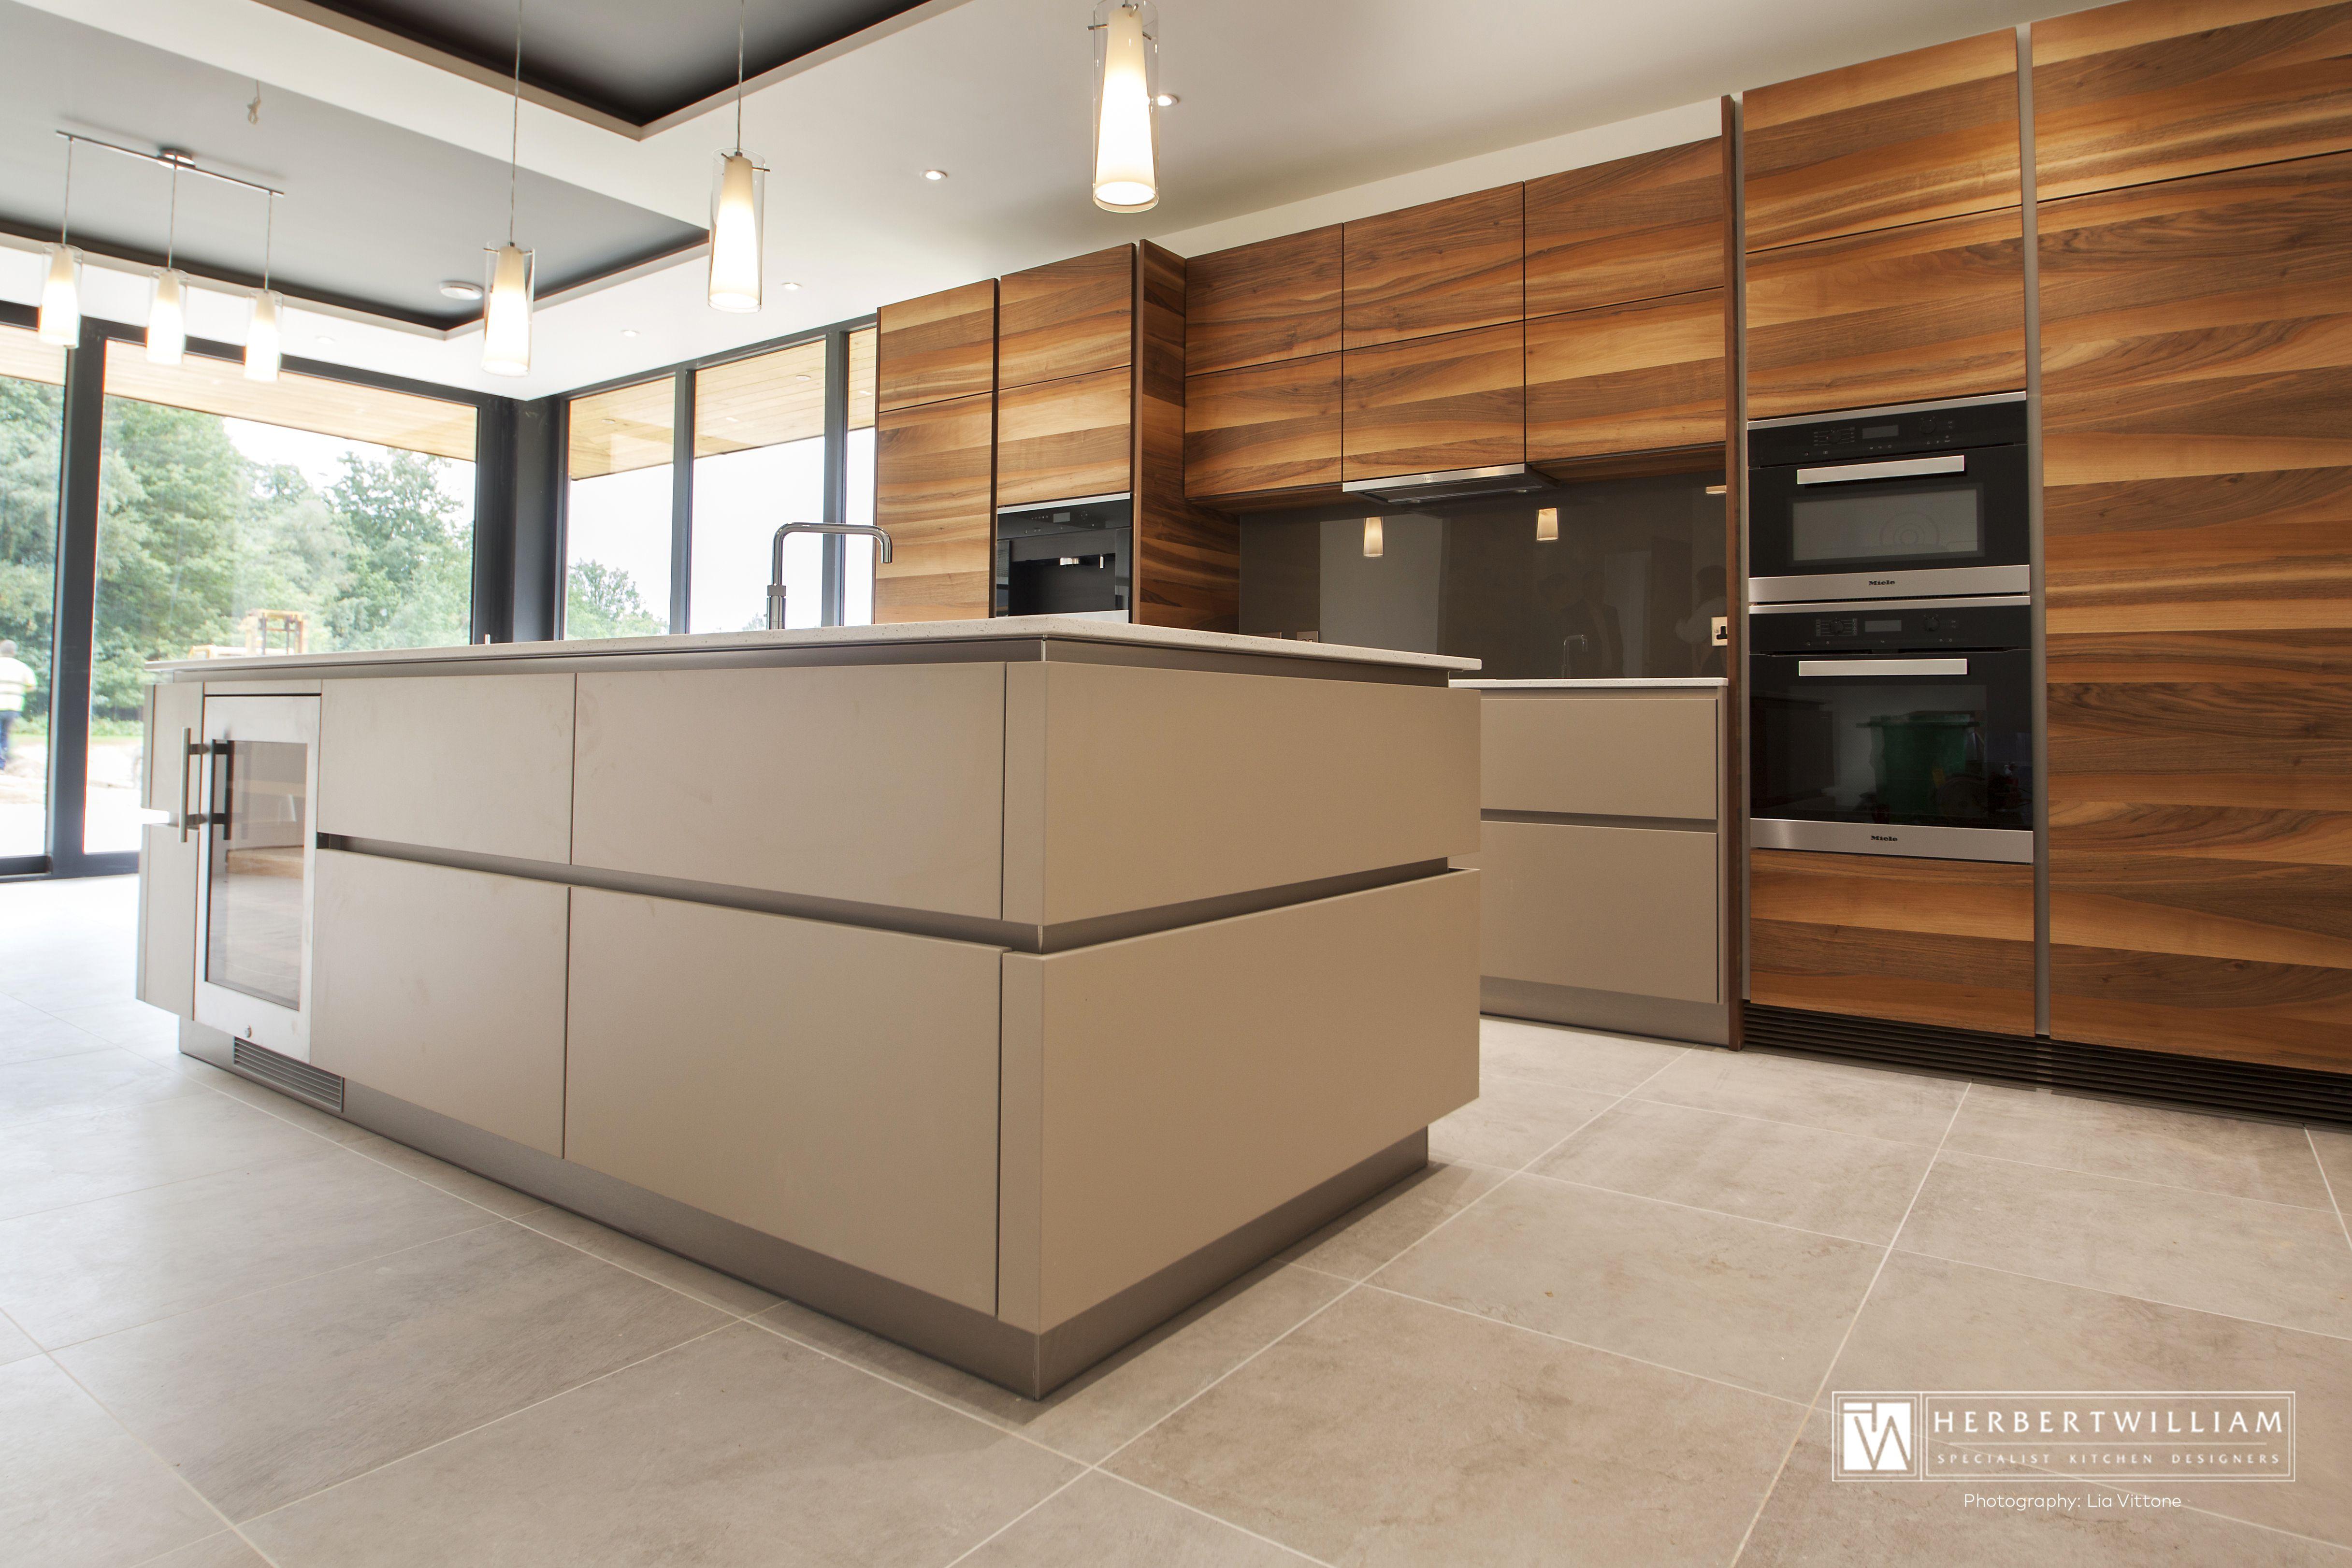 Luxury Intuo kitchen design by Herbert William Kitchen Design ...